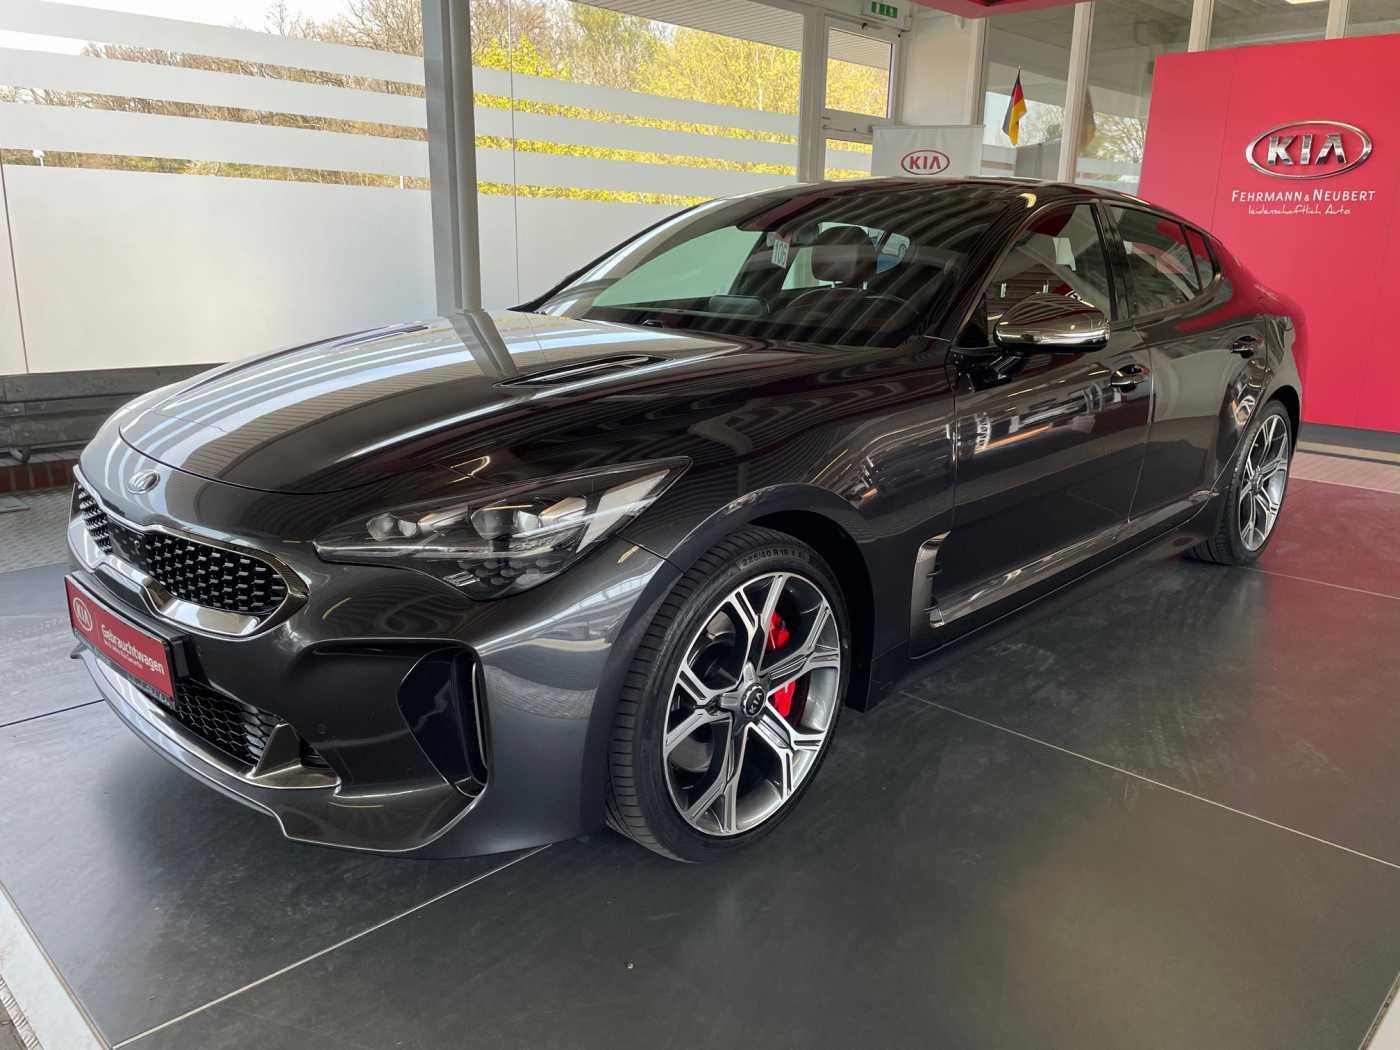 Kia Stinger 3.3T AWD GT GD Leder Rot, Jahr 2018, Benzin